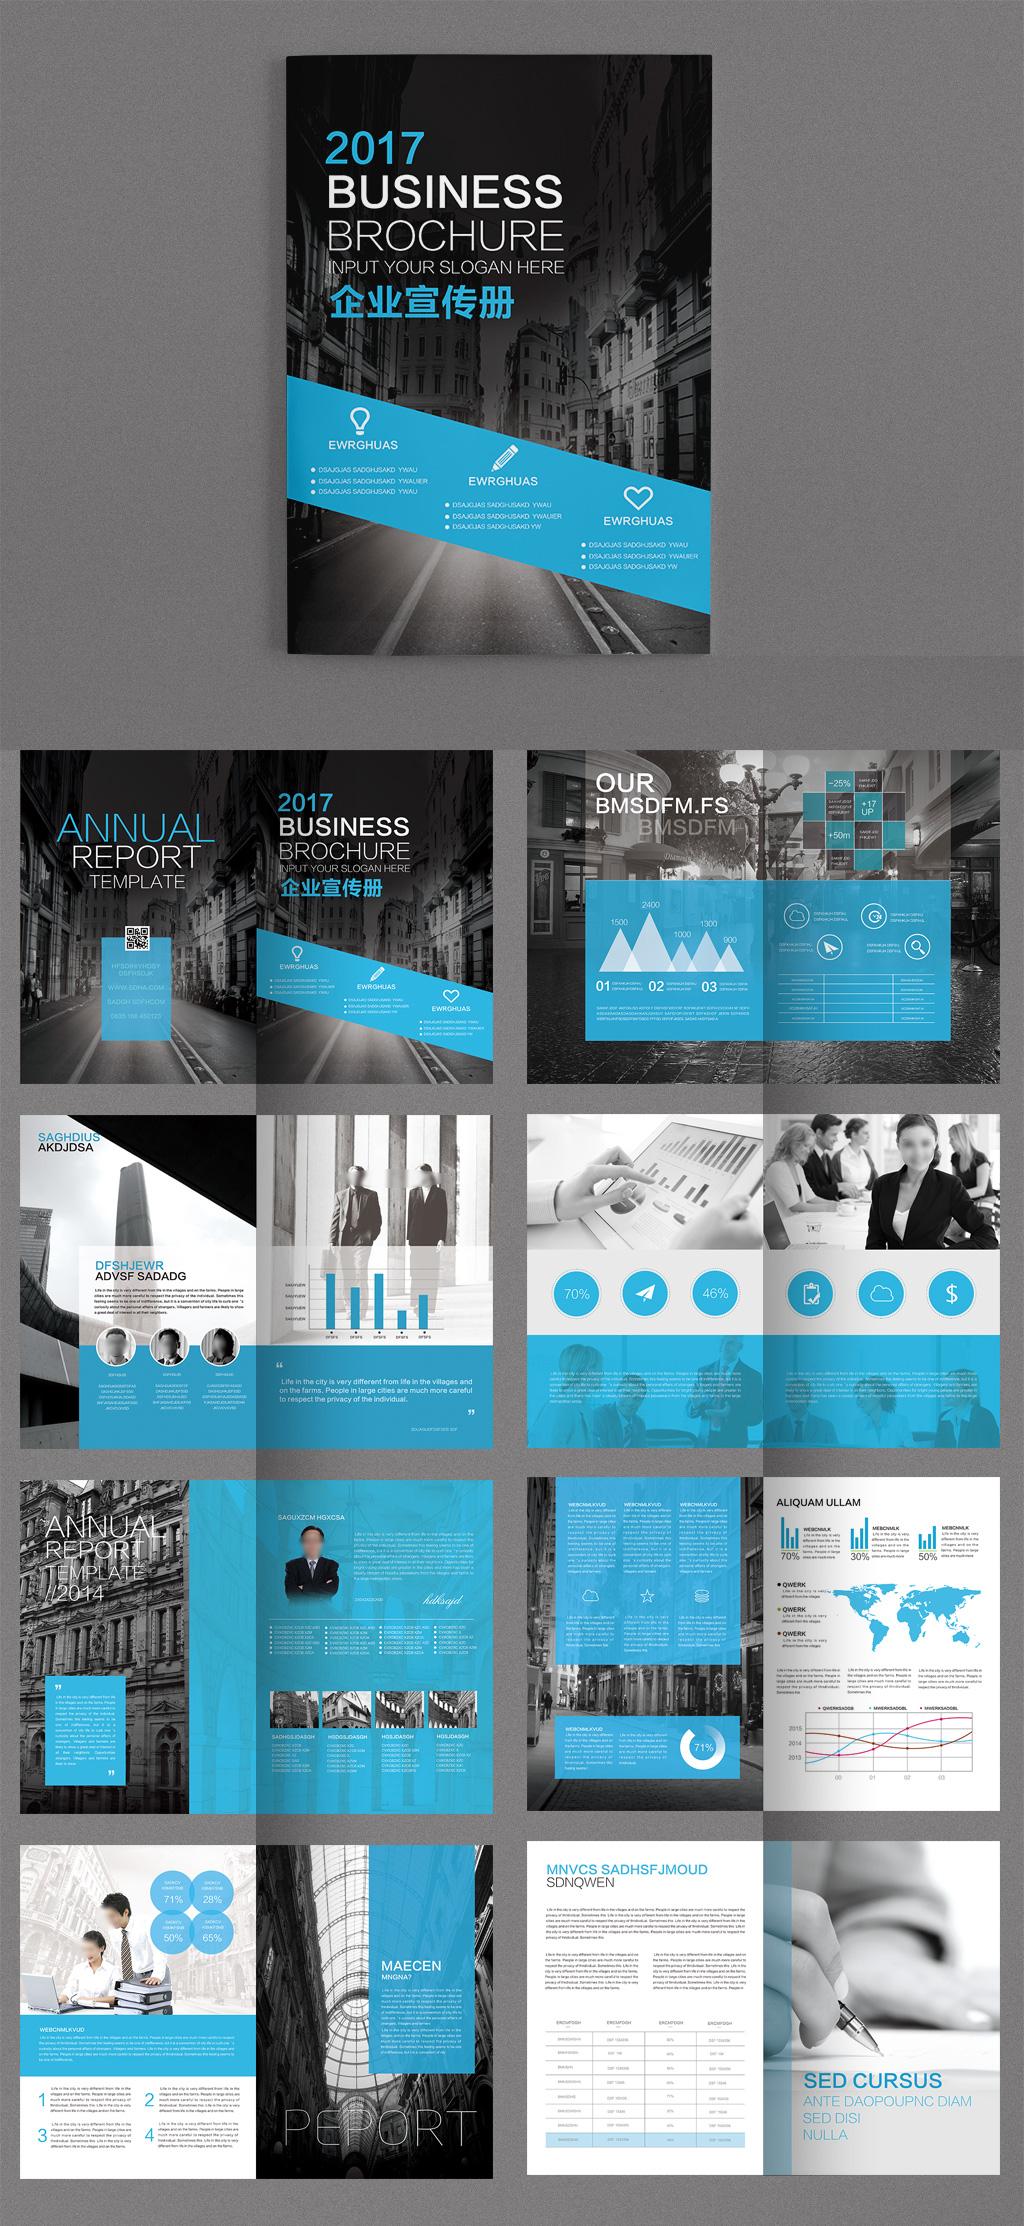 43套企业宣传册产品画册杂志排版作品集psd设计模板素材源文件图片